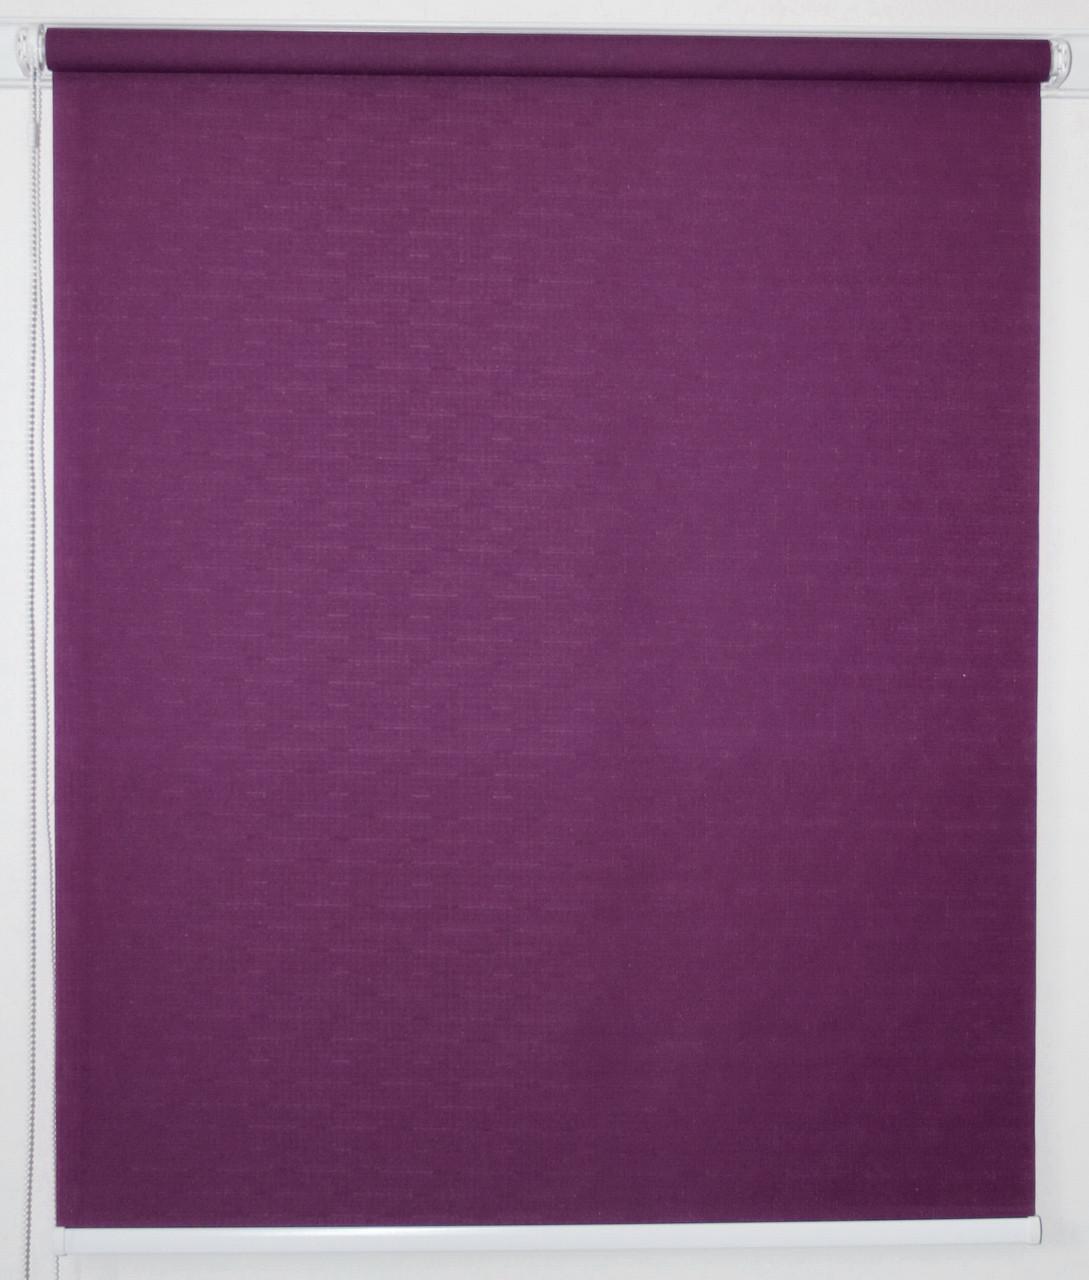 Рулонная штора 1300*1500 Ткань Лён 613 Фиолетовый